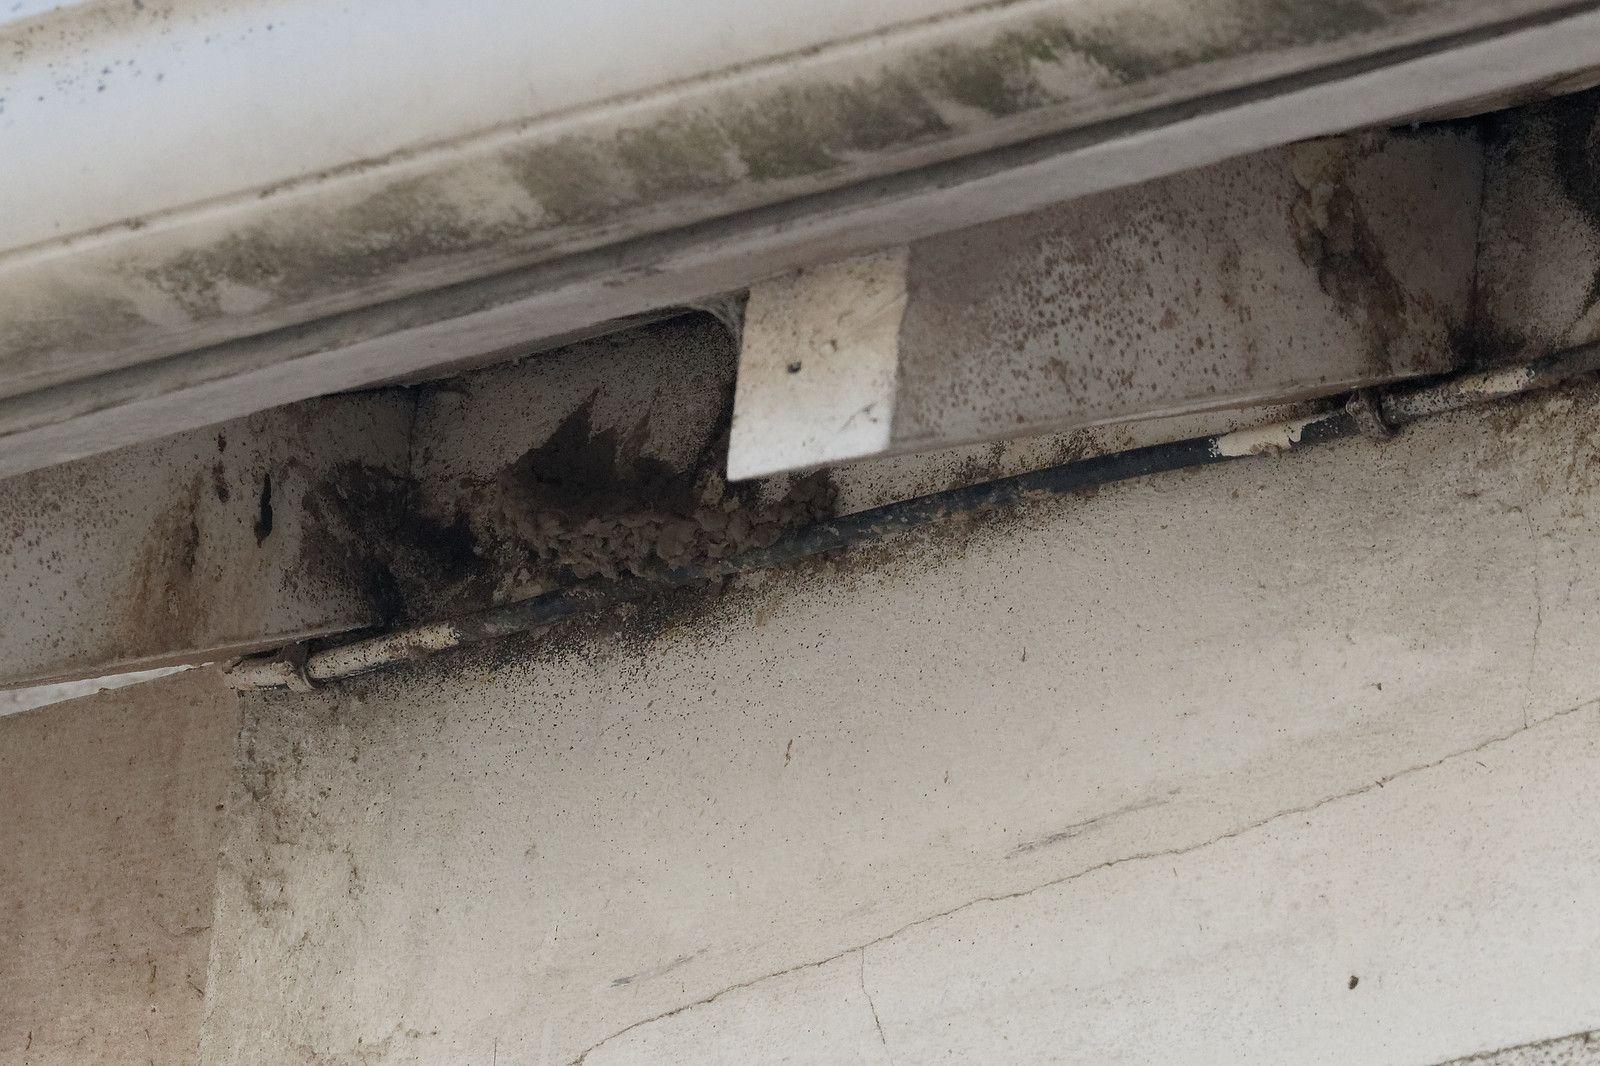 La courbure du nid est visible. C'est suffisament solide pour une HIrondelle.